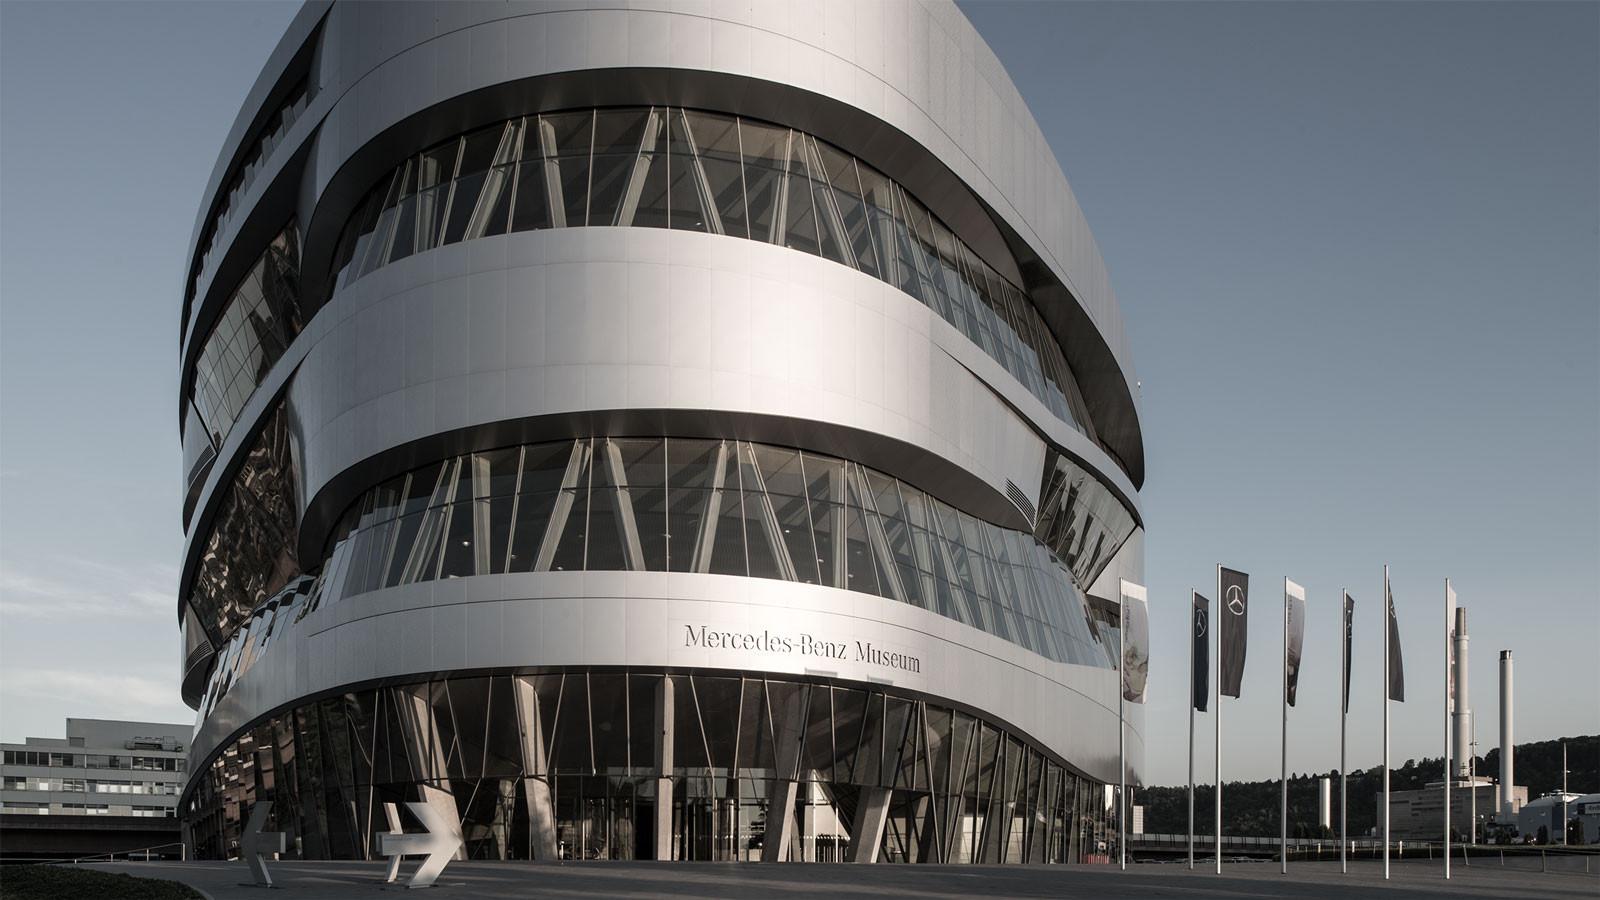 Architekturfotos Mercedes Benz Museum Architektur